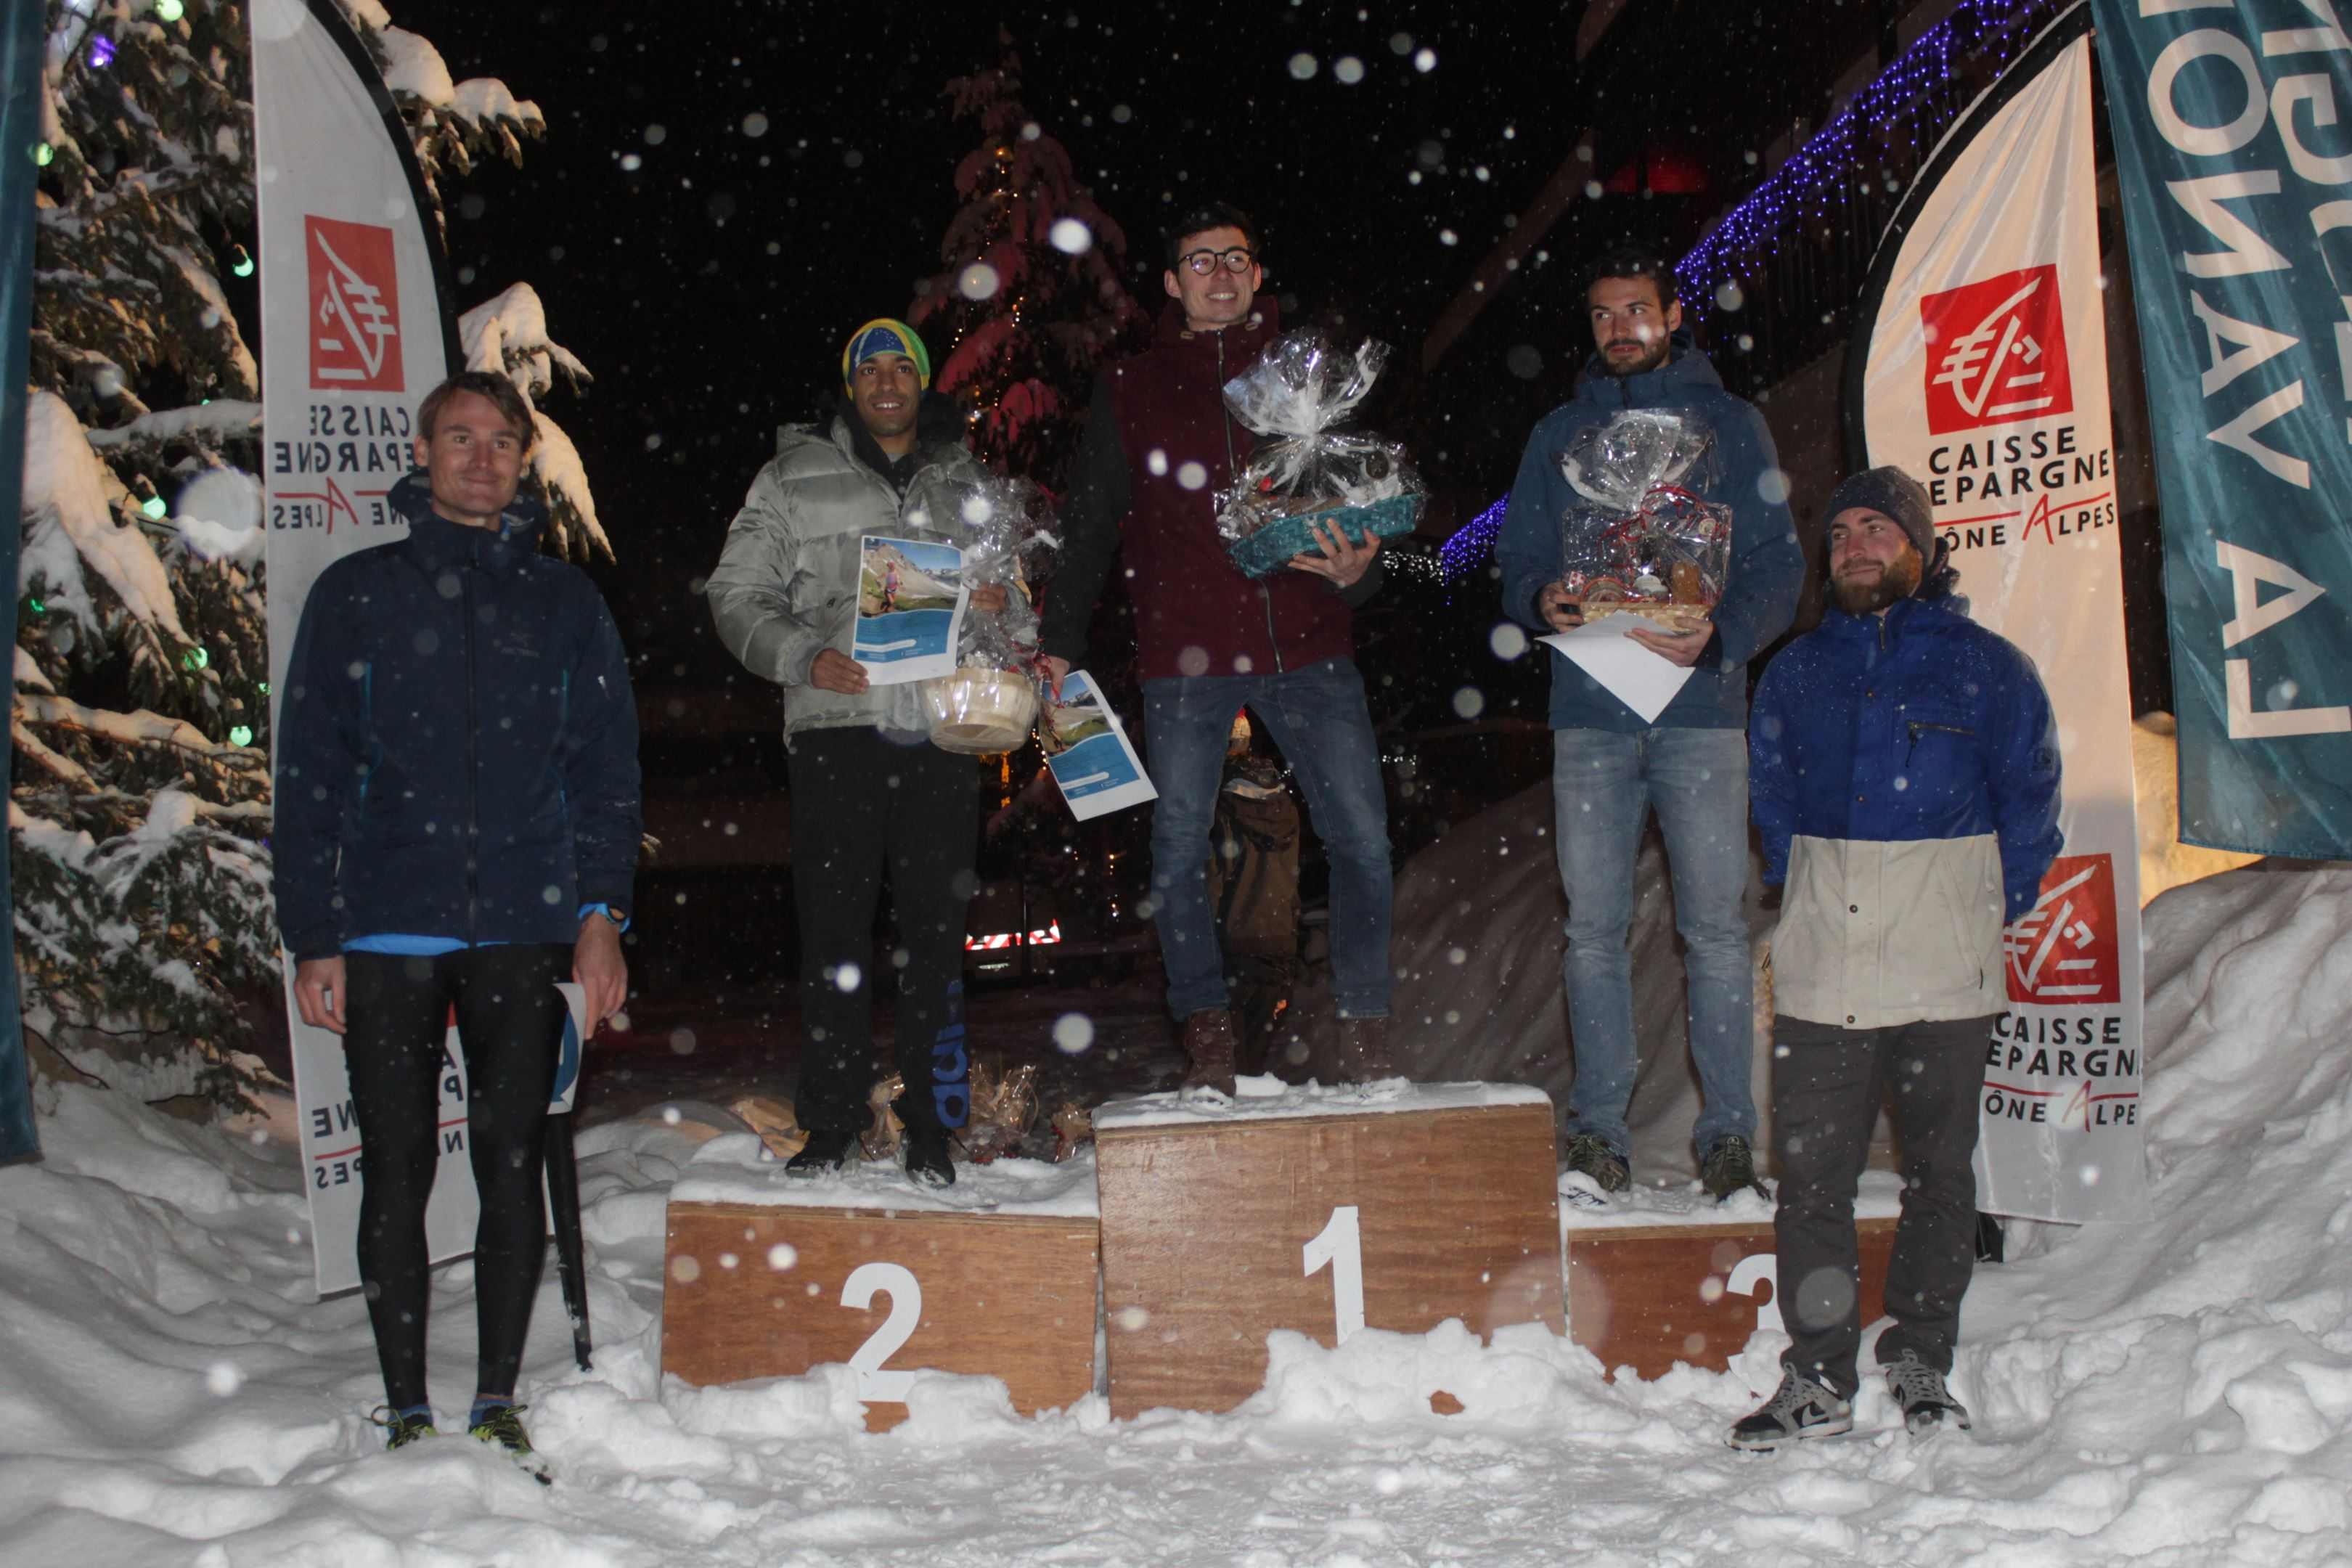 copie 0 podium hommes du 7km - RESULTATS ET COMMENTAIRES DU TRAIL DE L'INUIT (PRALOGNAN-LA-VANOISE 73) 20/01/2018